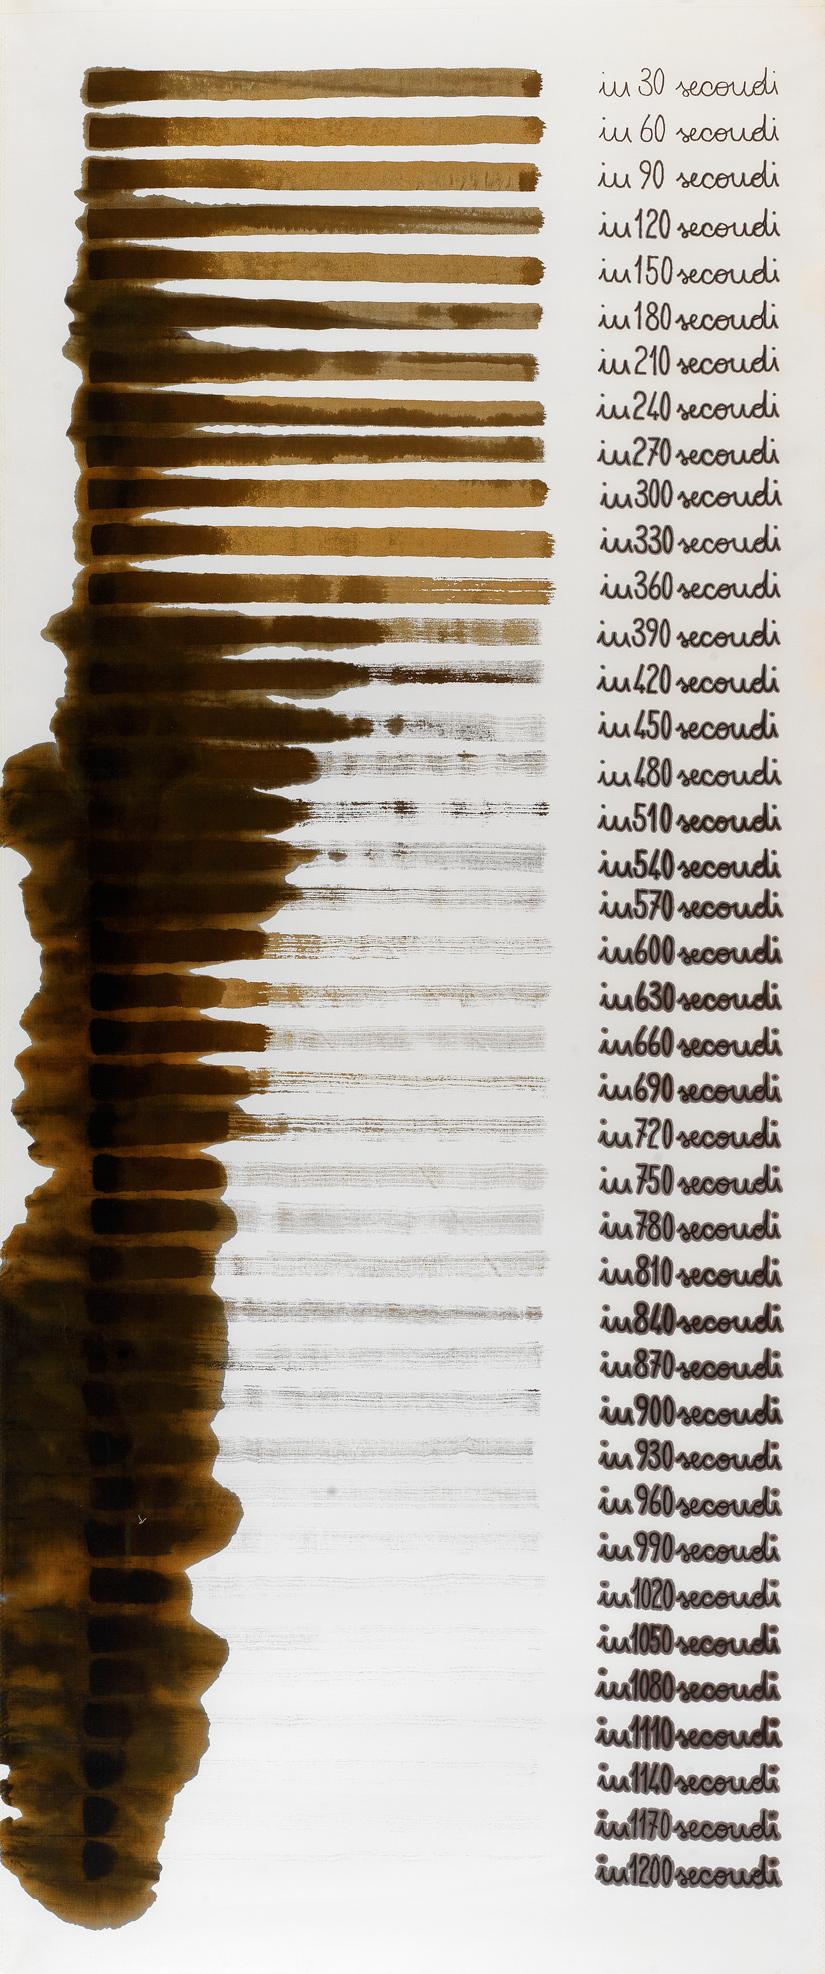 Bonamini-Eros_Cronotopografie_1981_due-serie-di-segni-tracce-in-30-60-90…secondi_grafite,-pennarello-e-inchiostro-su-tela-indeformabile_220x90cm(ca)